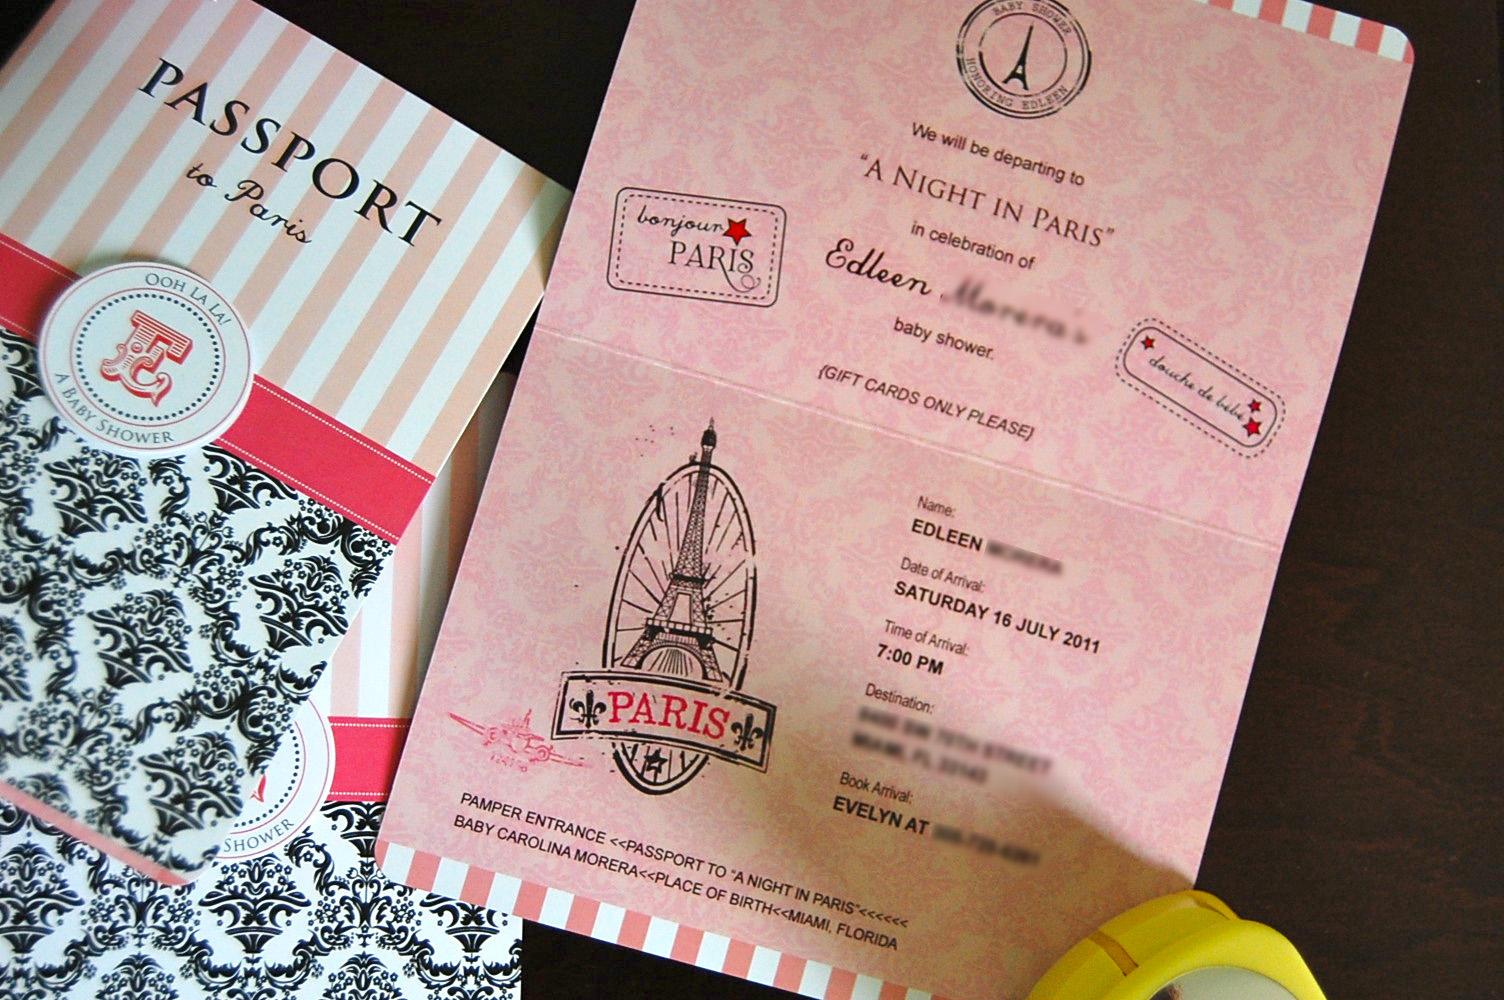 Updated Paris Passport Invitation Designs Personalized Invitations